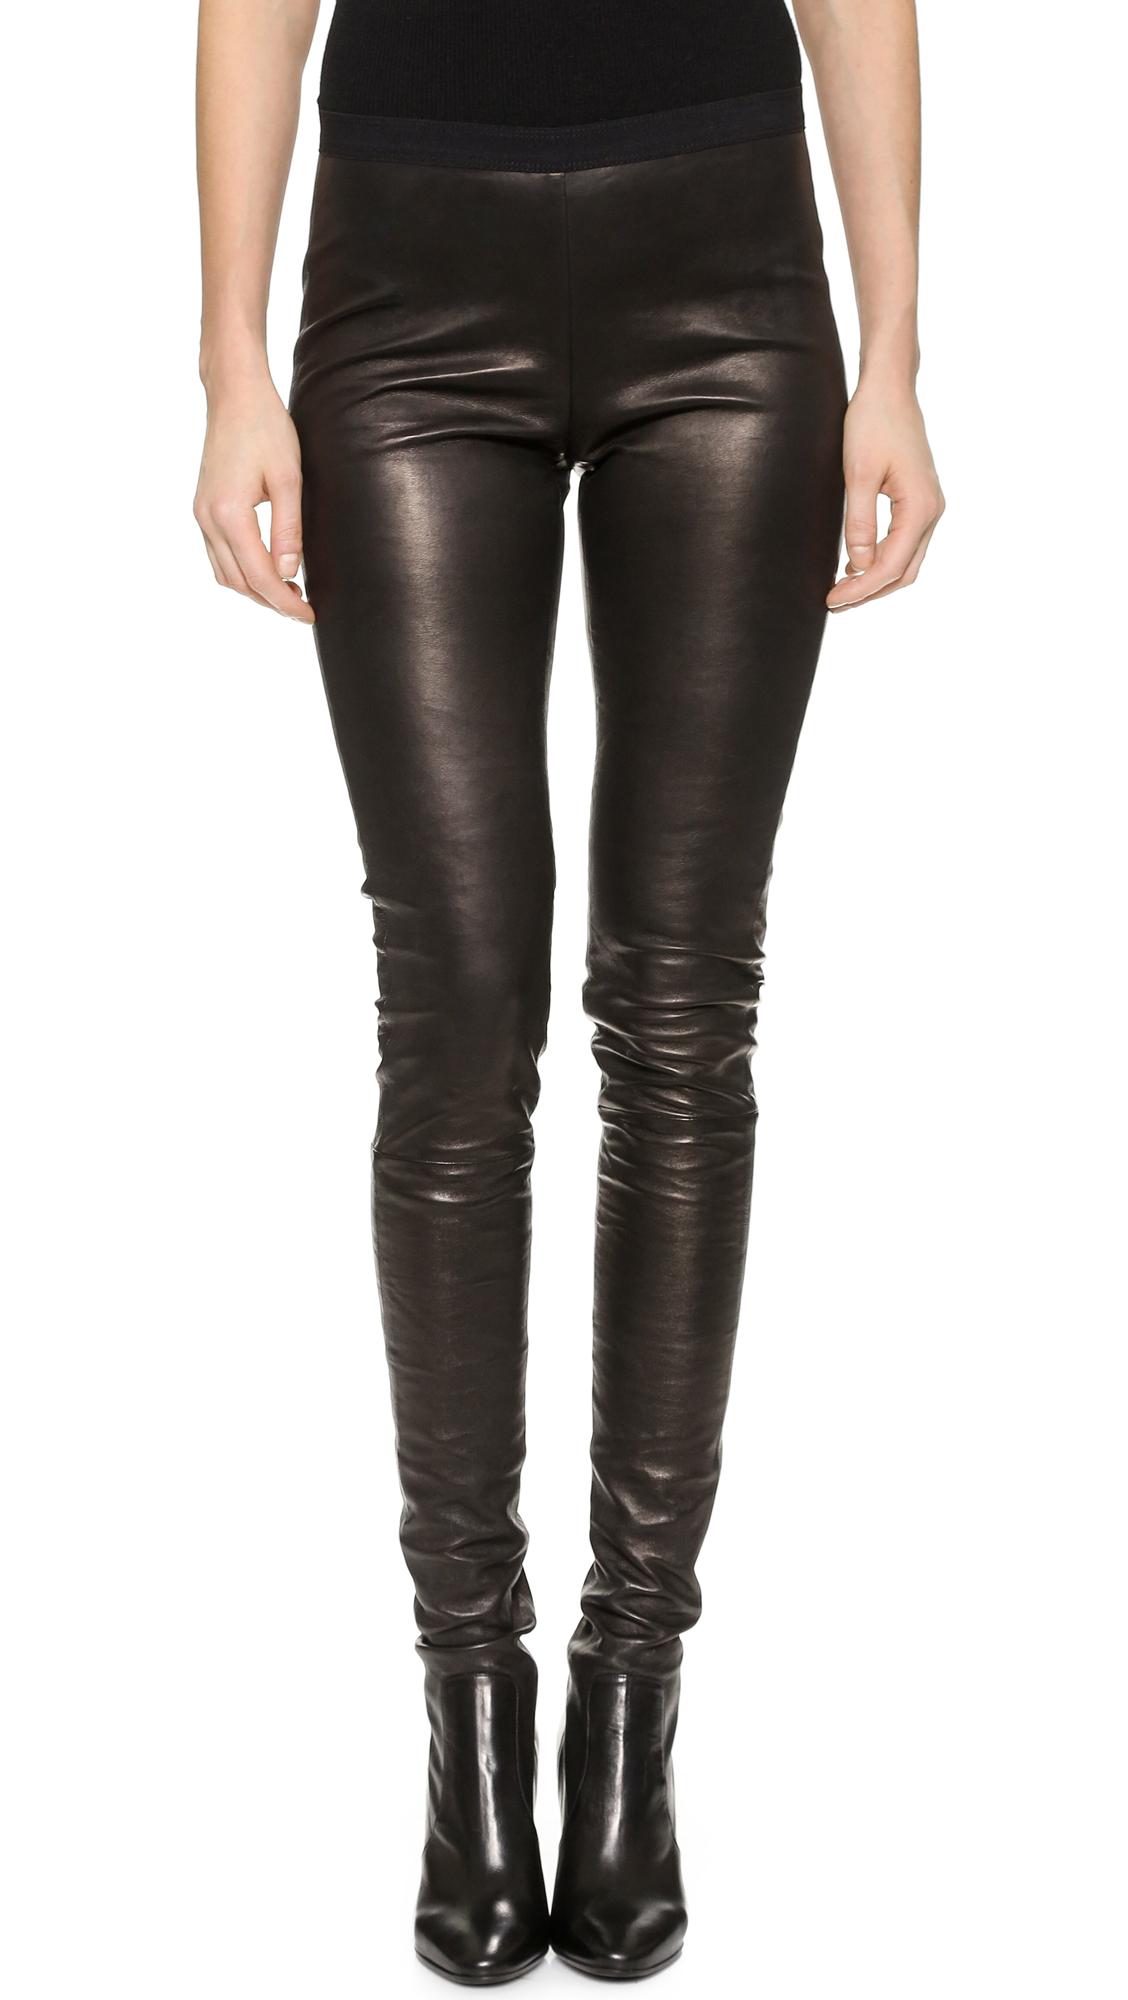 Lyst - Tamara Mellon Sweet Revenge Legging Boots